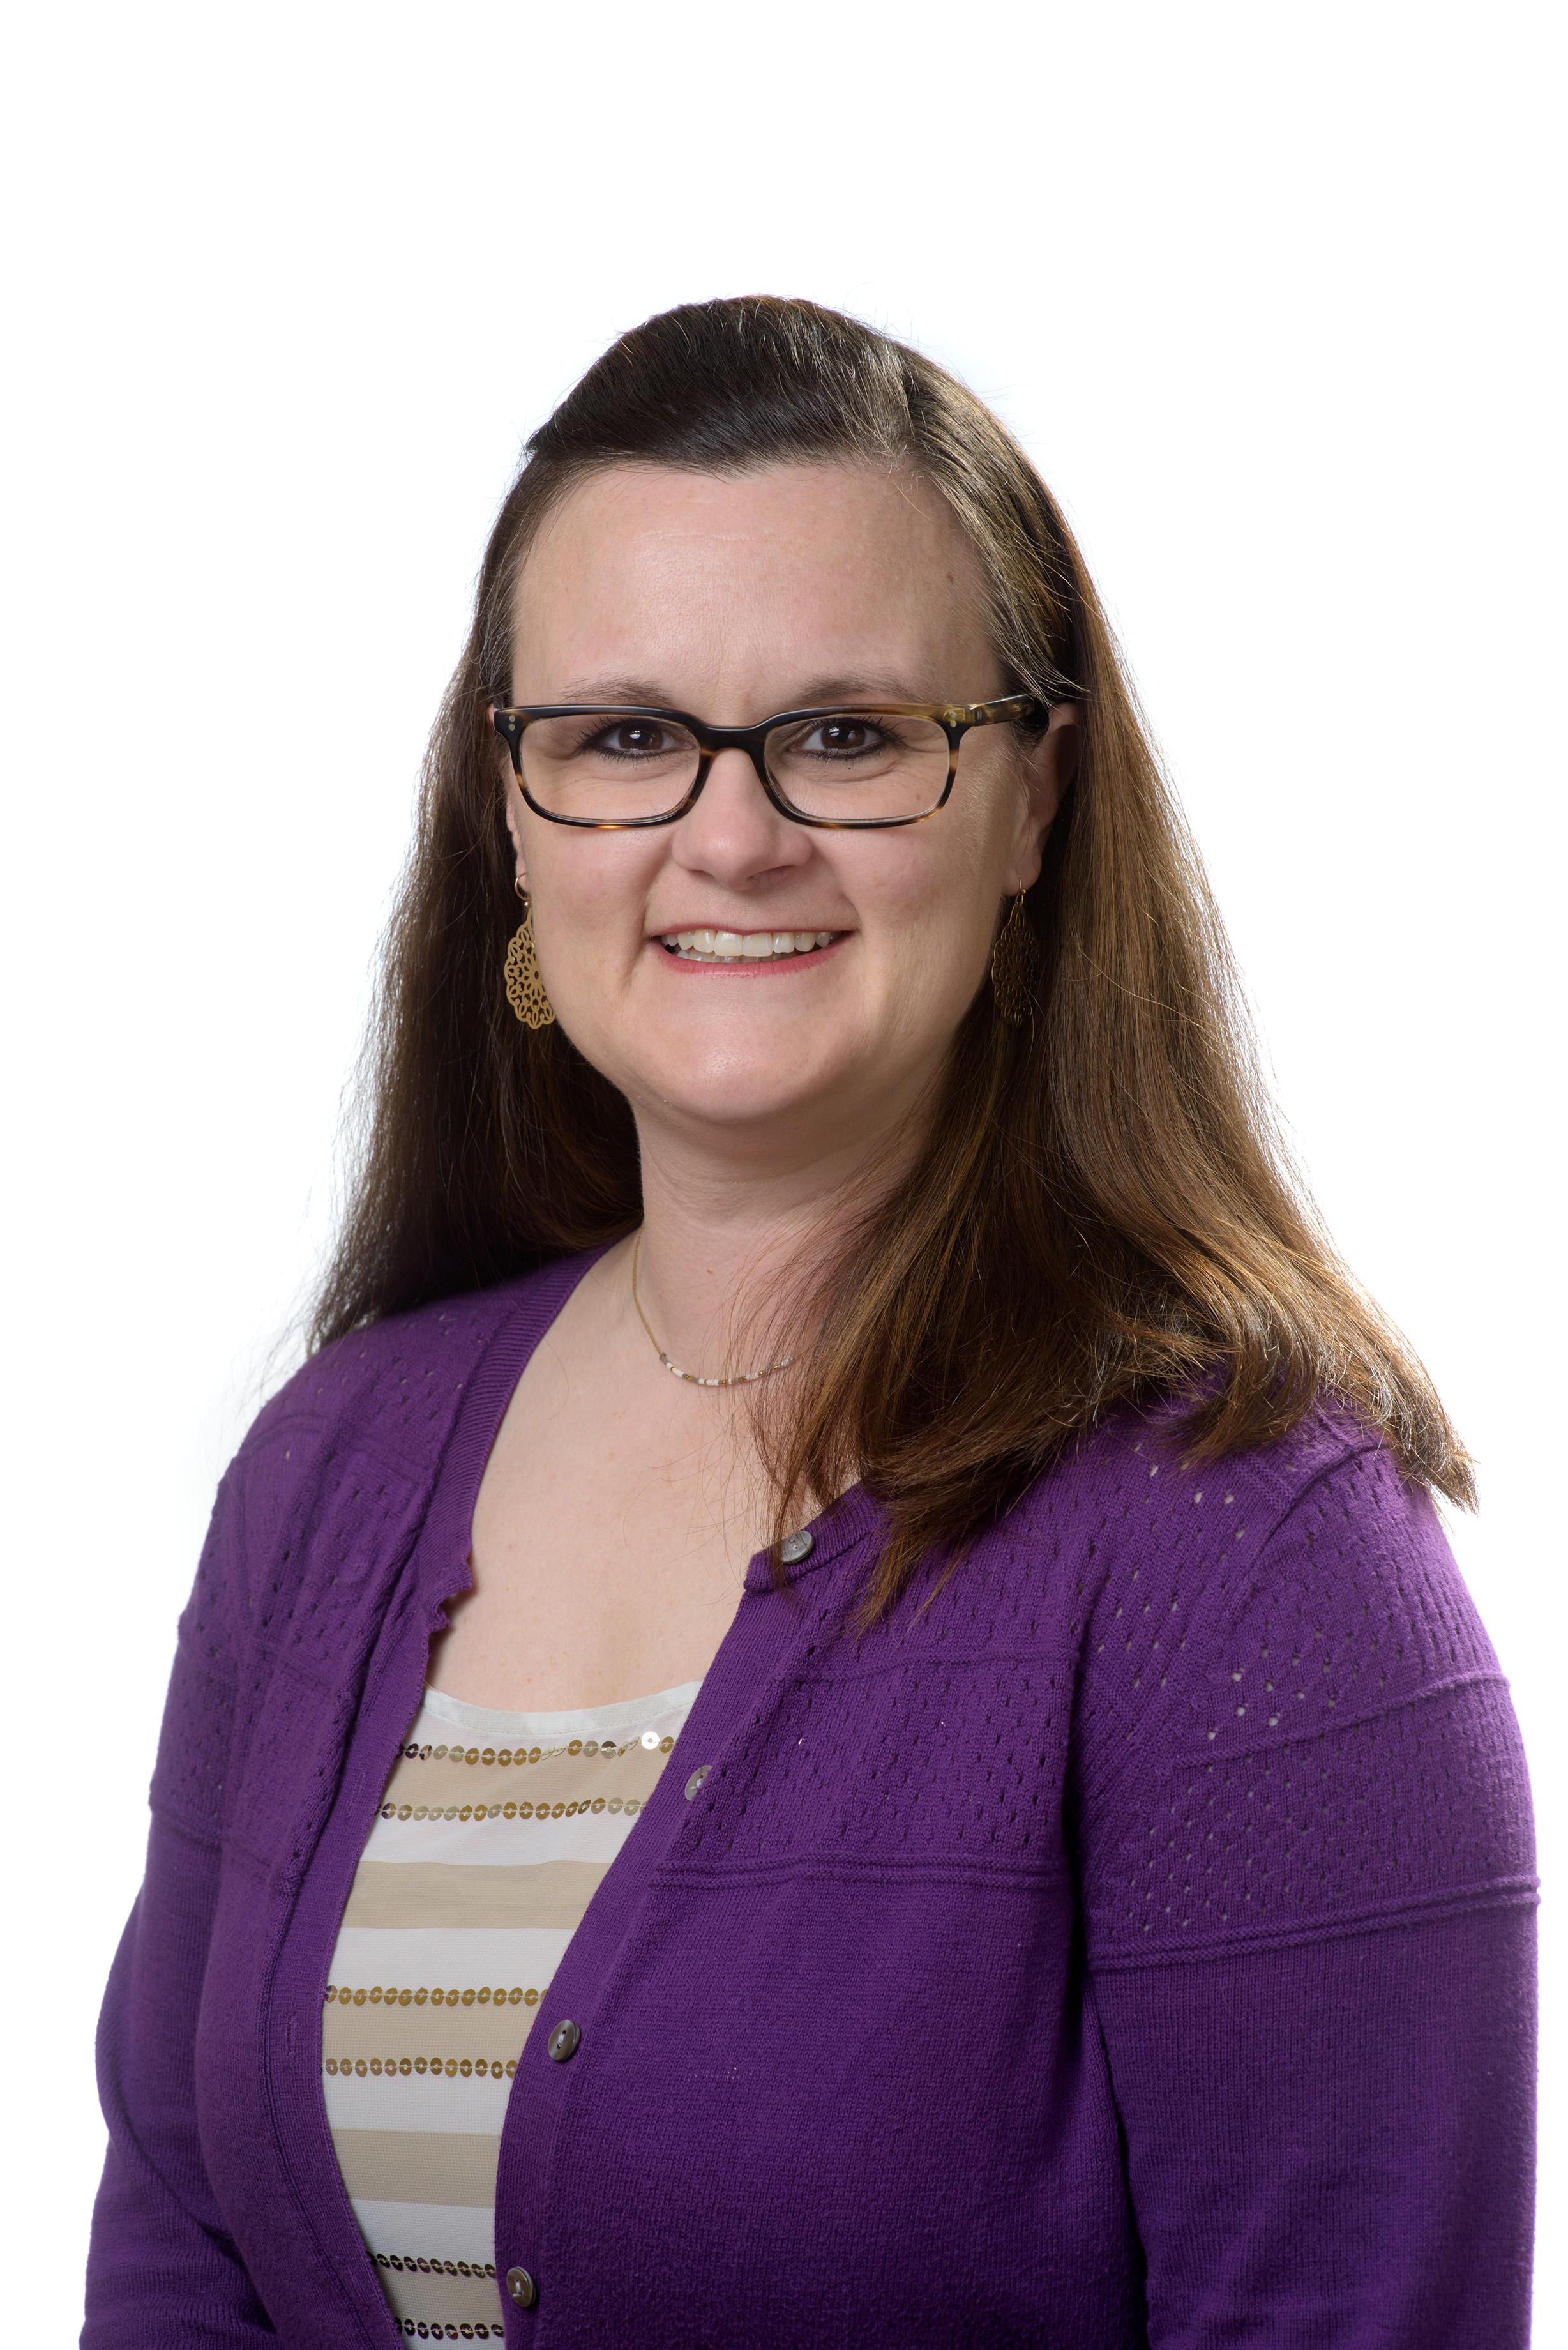 Jessica Dunaway